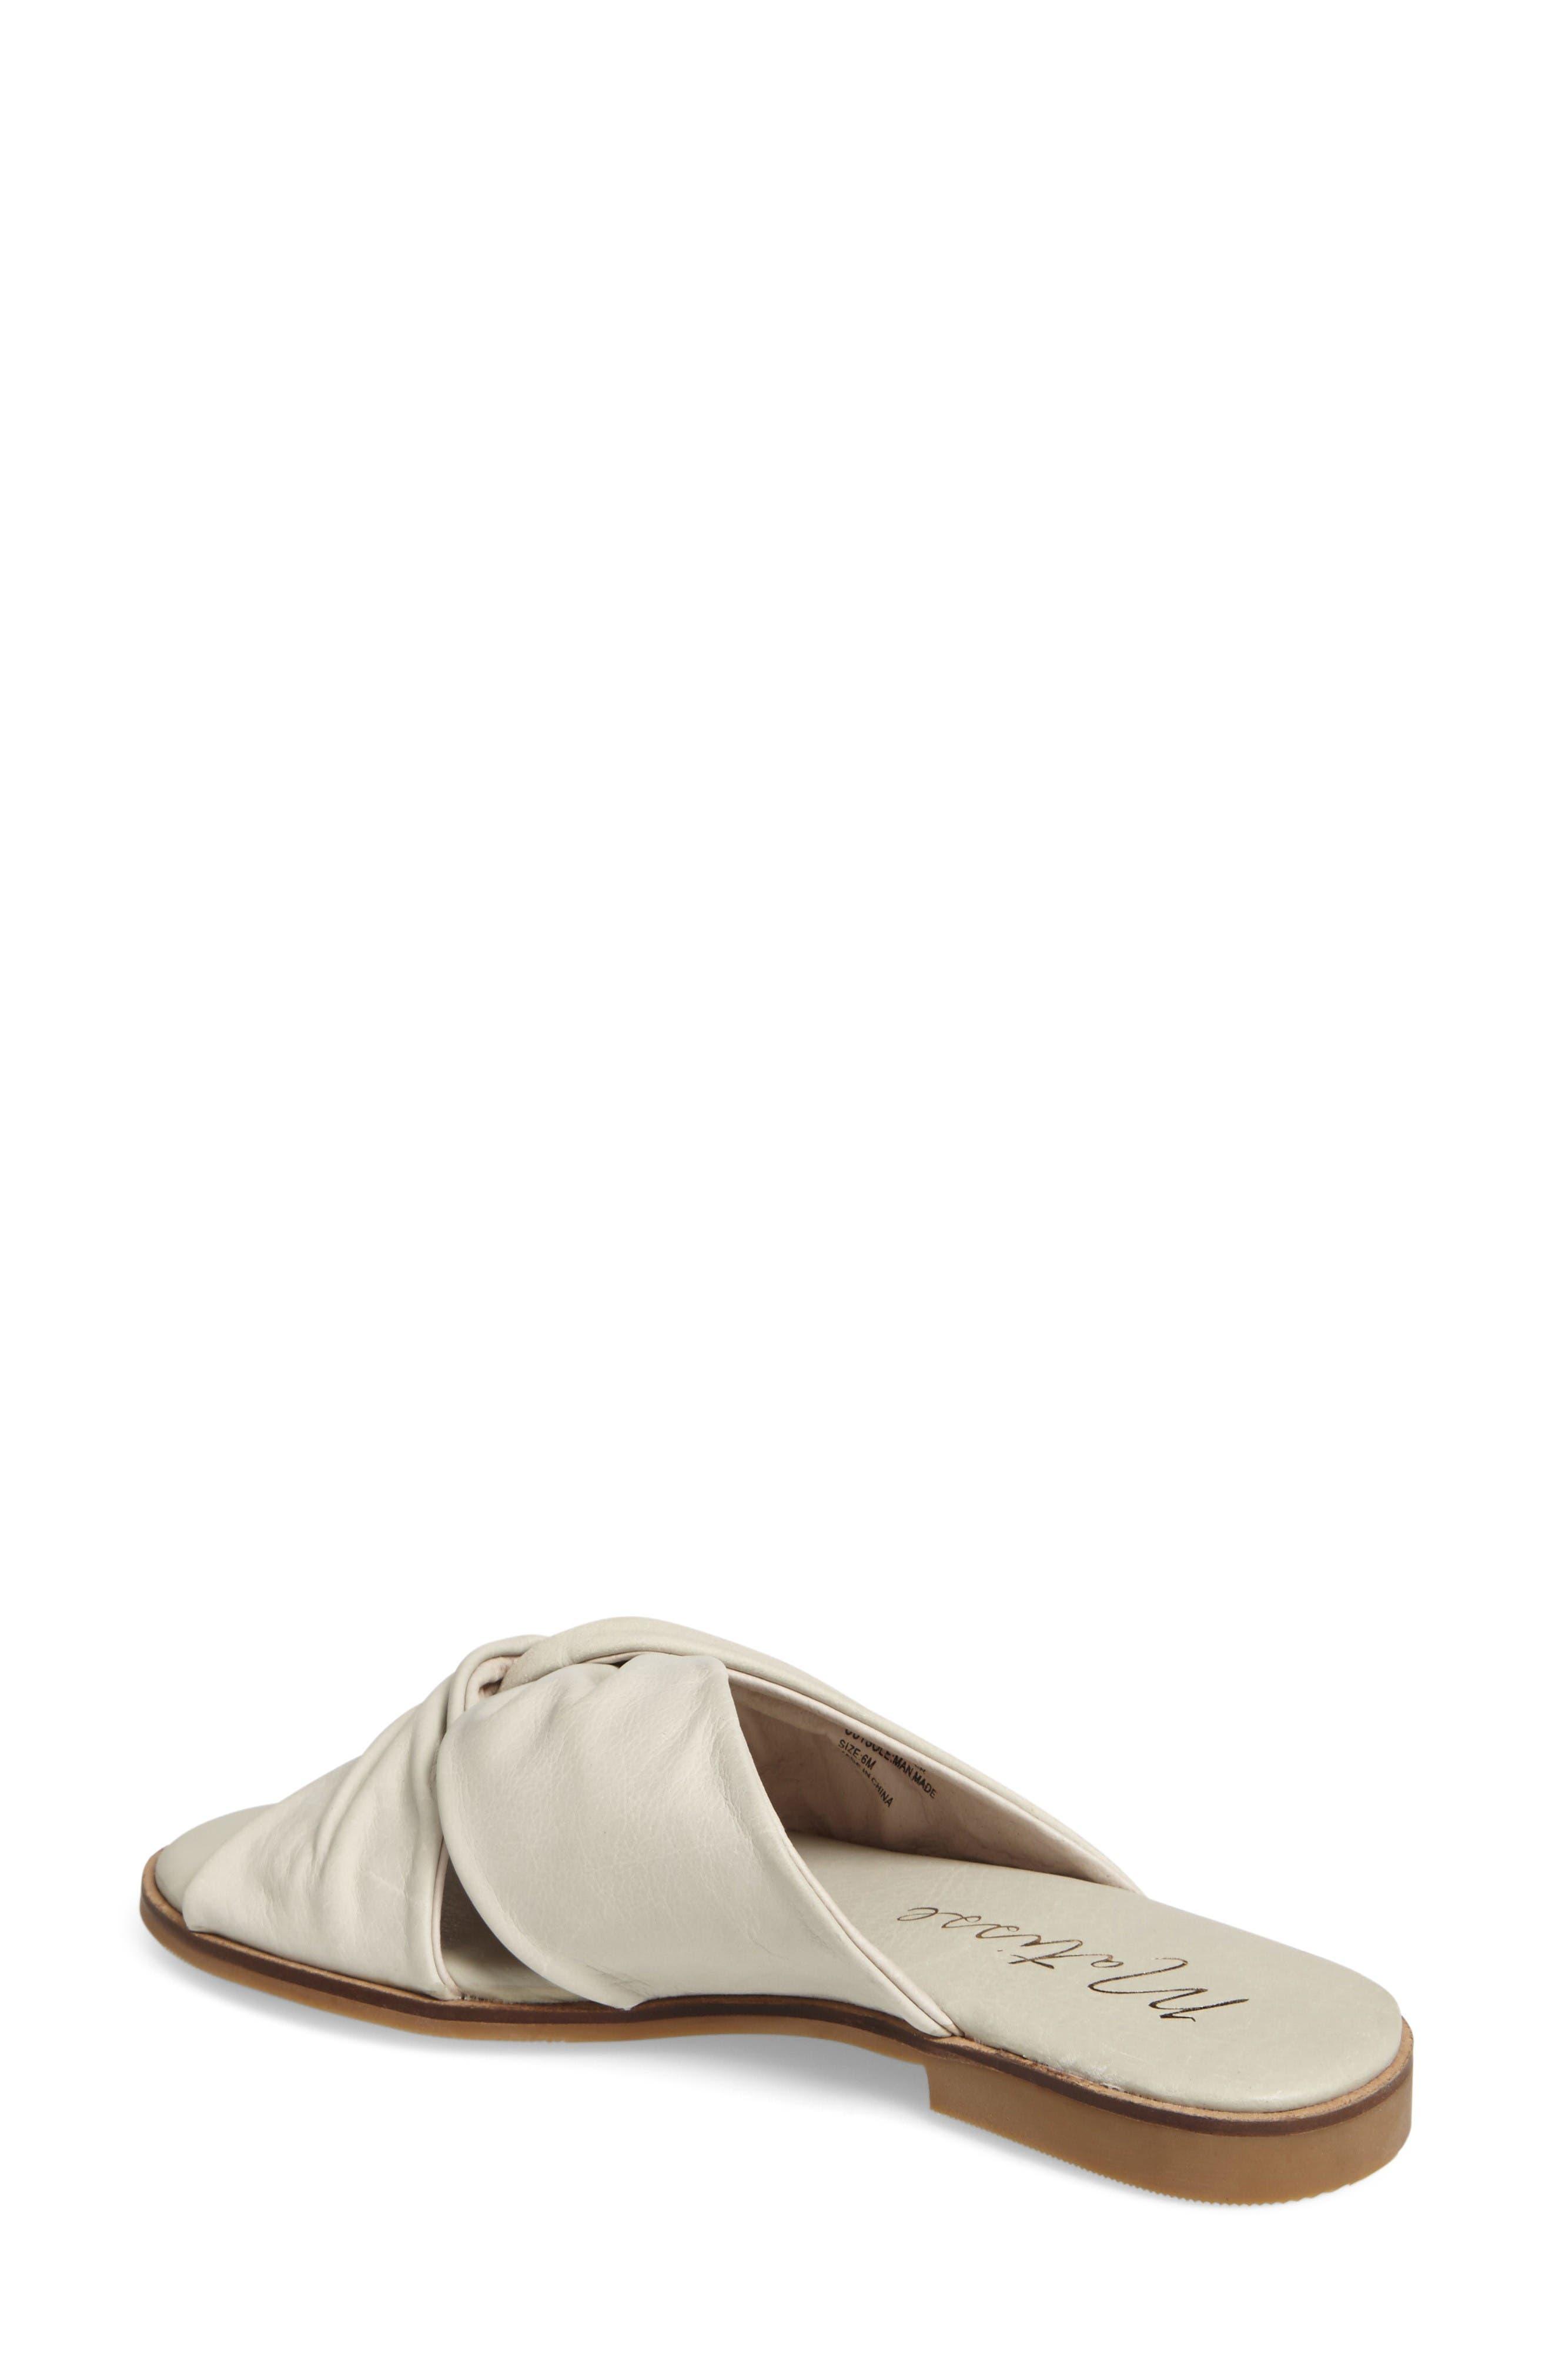 Alternate Image 2  - Matisse Relax Slide Sandal (Women)